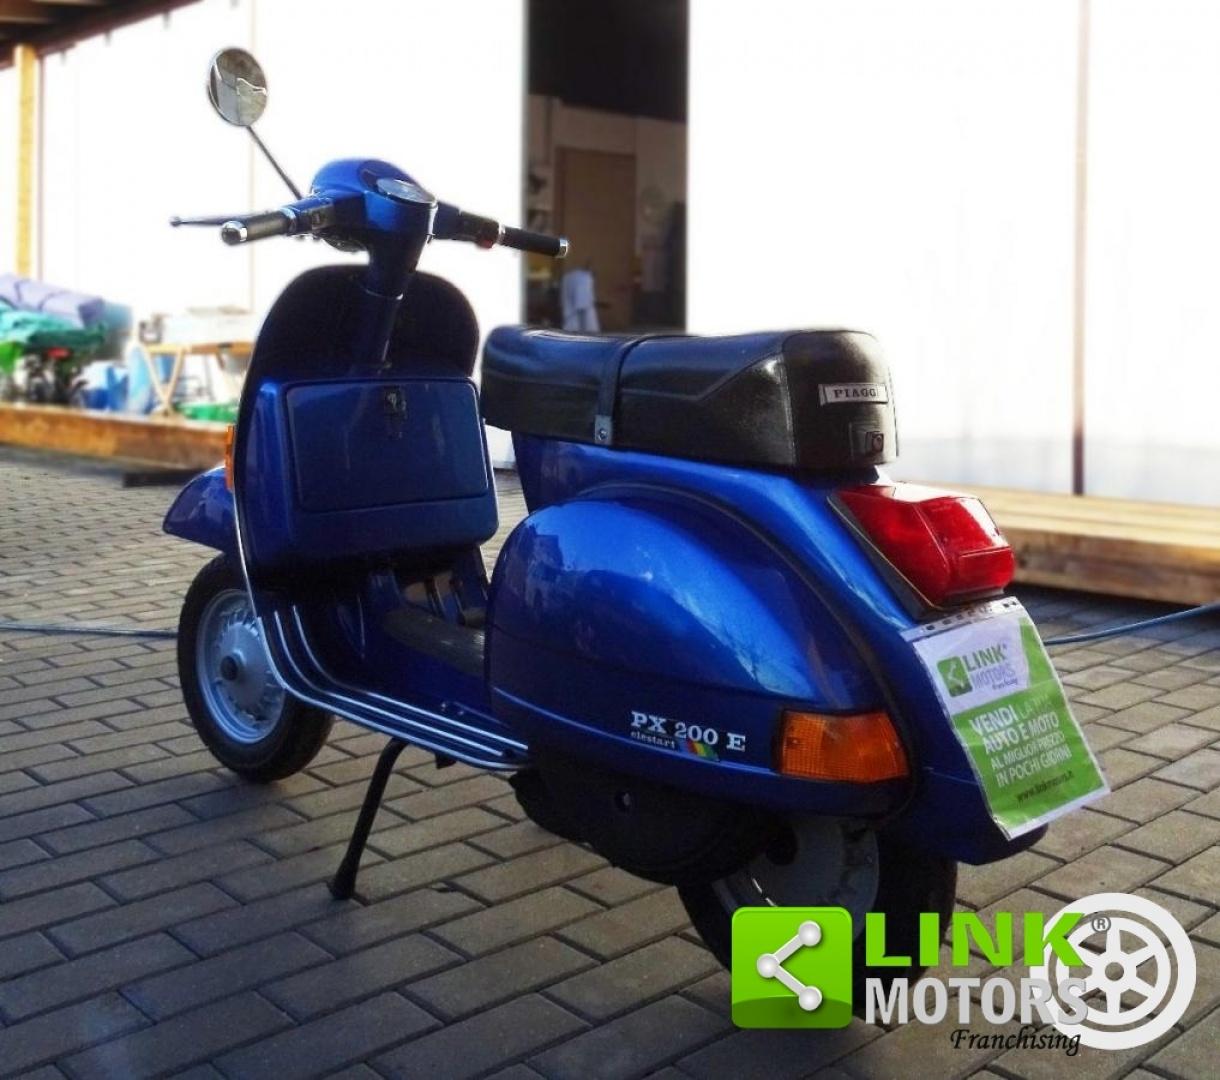 For Sale Piaggio Vespa Px 200 E Arcobaleno Elestart